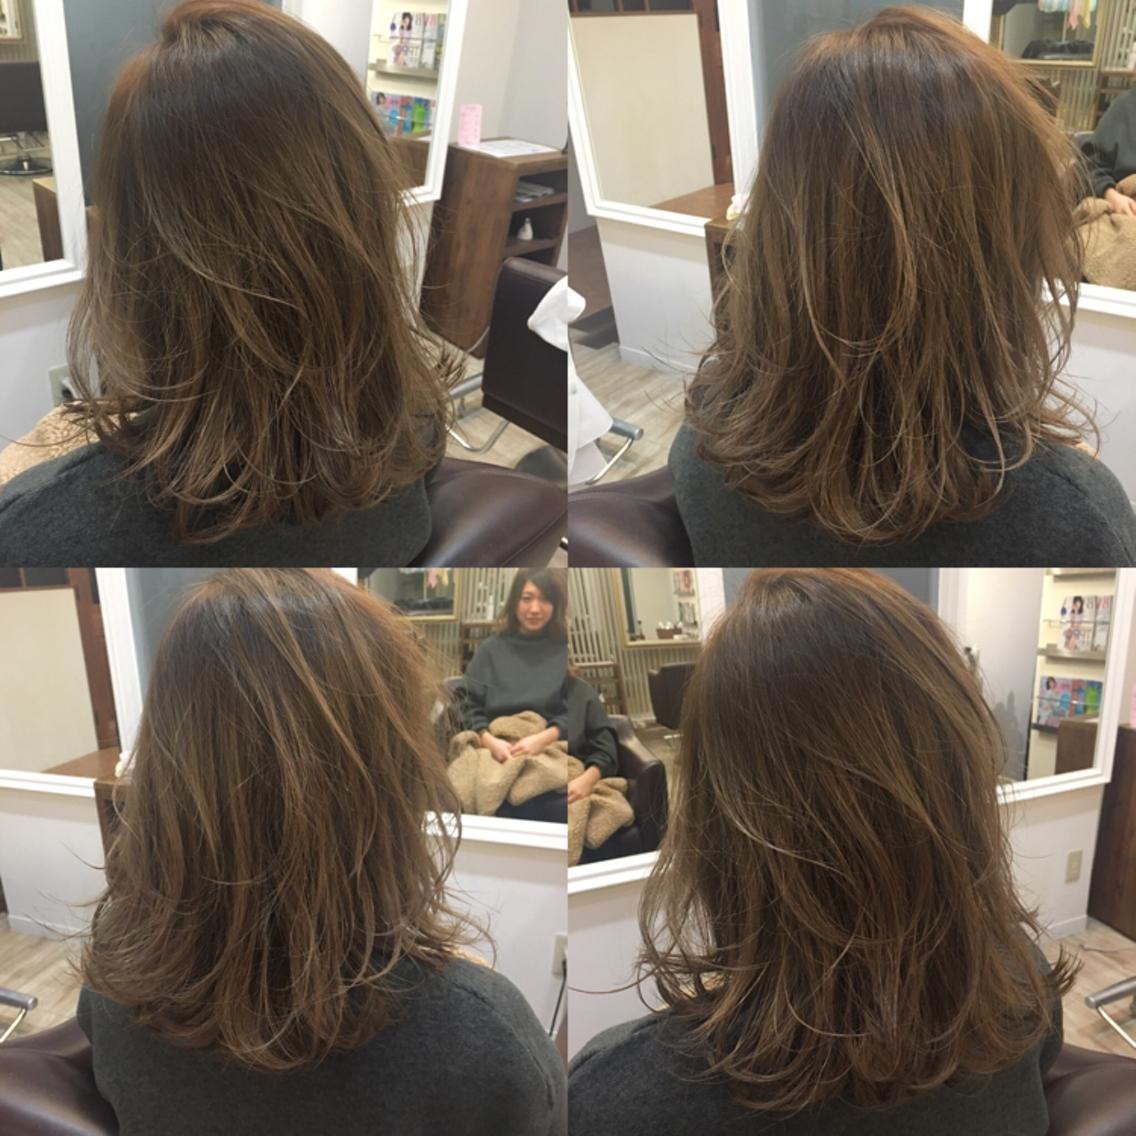 【似合わせコテ巻きレッスン始めました!!】スタイリングを変えるだけでモテ髪になれます\( ¨̮ )/巻けない人でも簡単に巻けるようにします♡